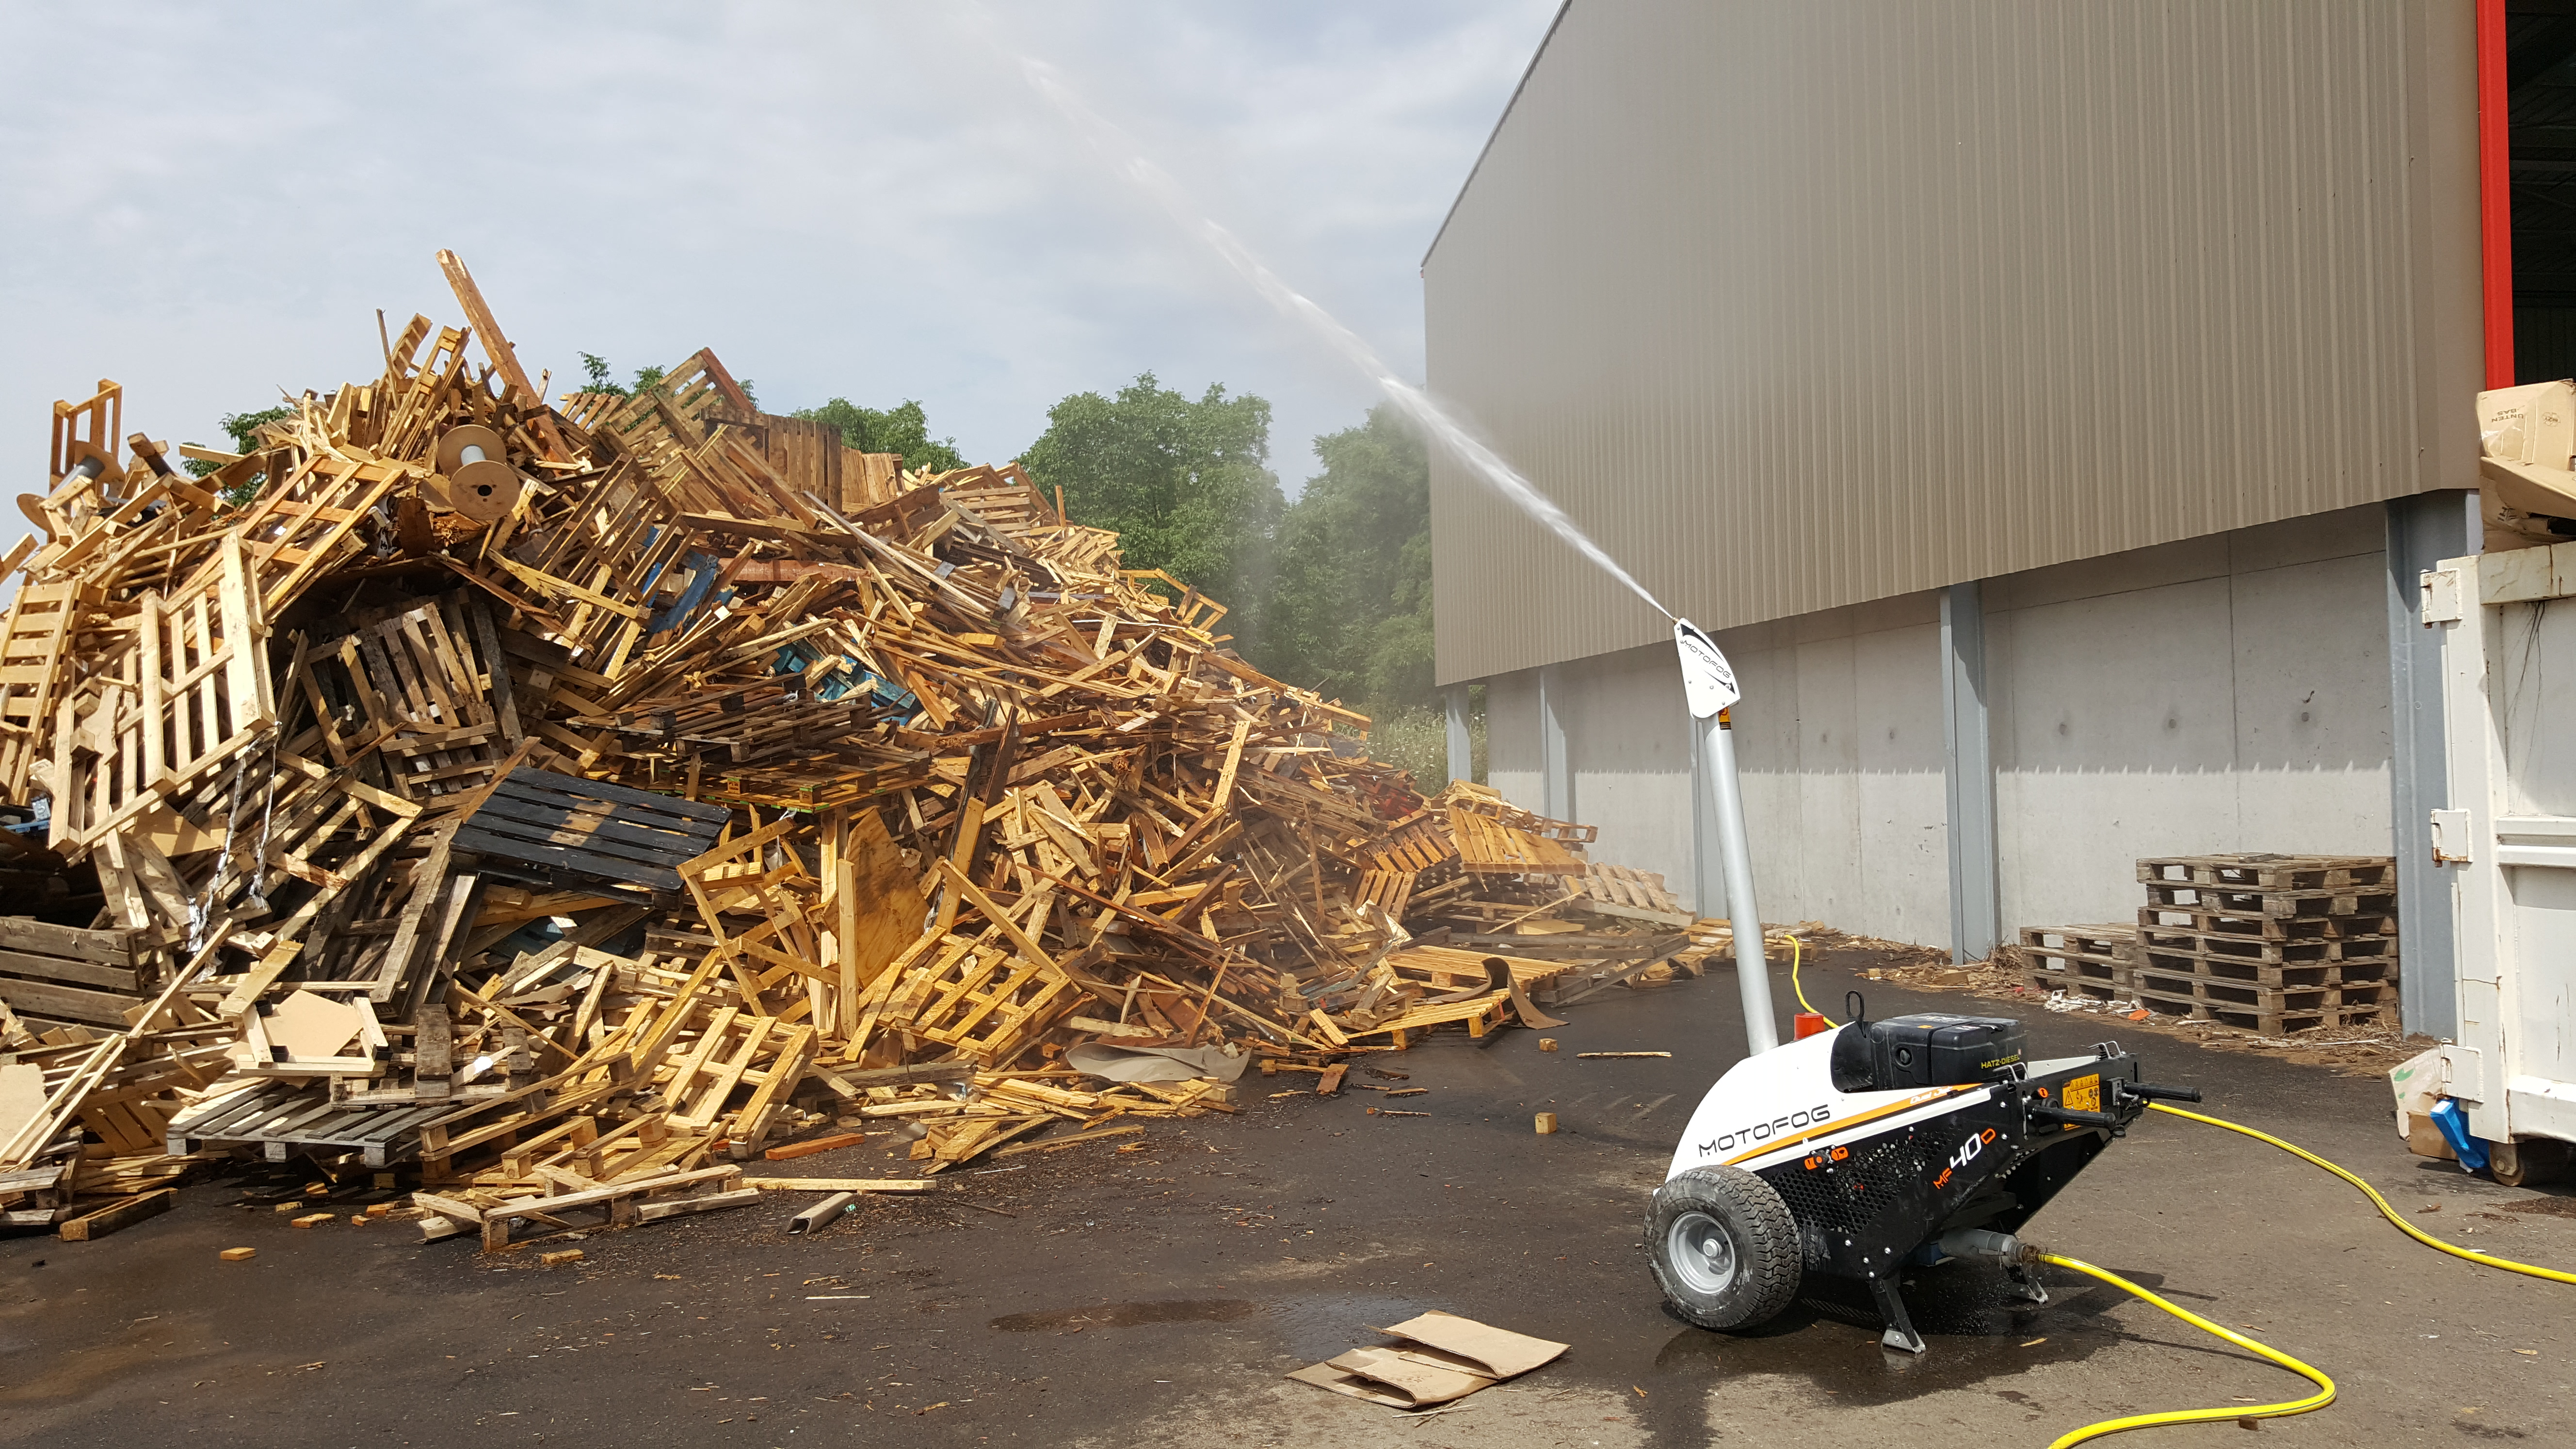 Le MOTOFOG MF40 est un brumisateur pour l'abattage de poussières et odeursNotre gamme de canons de brumisation répond à tous les types et toutes les tailles de sites : sites de démolition et de désamiantage, usines de production de béton, sites de recyclage et usines de traitement de la biomasse, travaux d'assainissement des sols, sites de manutention d'acier et de laitier, usines de traitement du bois et de l'aluminium, sites d'enfouissement ou encore les zones portuaires, imprimeries, papeteries, usine d'armement, pyrotechnie, station d'épuration, sites aéroréfrigérants, grands bâtiments industriels, data center, carrières élevages, sidérurgie, serres de production, protection incendie, textile, centre de tri, aérocondenseur, automobile, aéronautique et ferroviaire. Ils permettent de traiter la poussière minérale, industrie extractive, minerai portuaire, odeurs industrie, compostage, station d'épuration, enfouissement, BTP, démolition, stockage des minerais, solutions spécifiques, refroidissement, gaz, dépolution, pratiques de pulvérisation, poussières agroalimentaires, de déchets, du bois, du recyclage, manutention des céréales, portuaires céréales, stockage céréales, abaissement des températures, confort thermique, amélioration de la qualité de l'air, augmenter et réguler le niveau hygrométrique, humidifier les zones de travail, désamiantage et réfection de la chaussée.